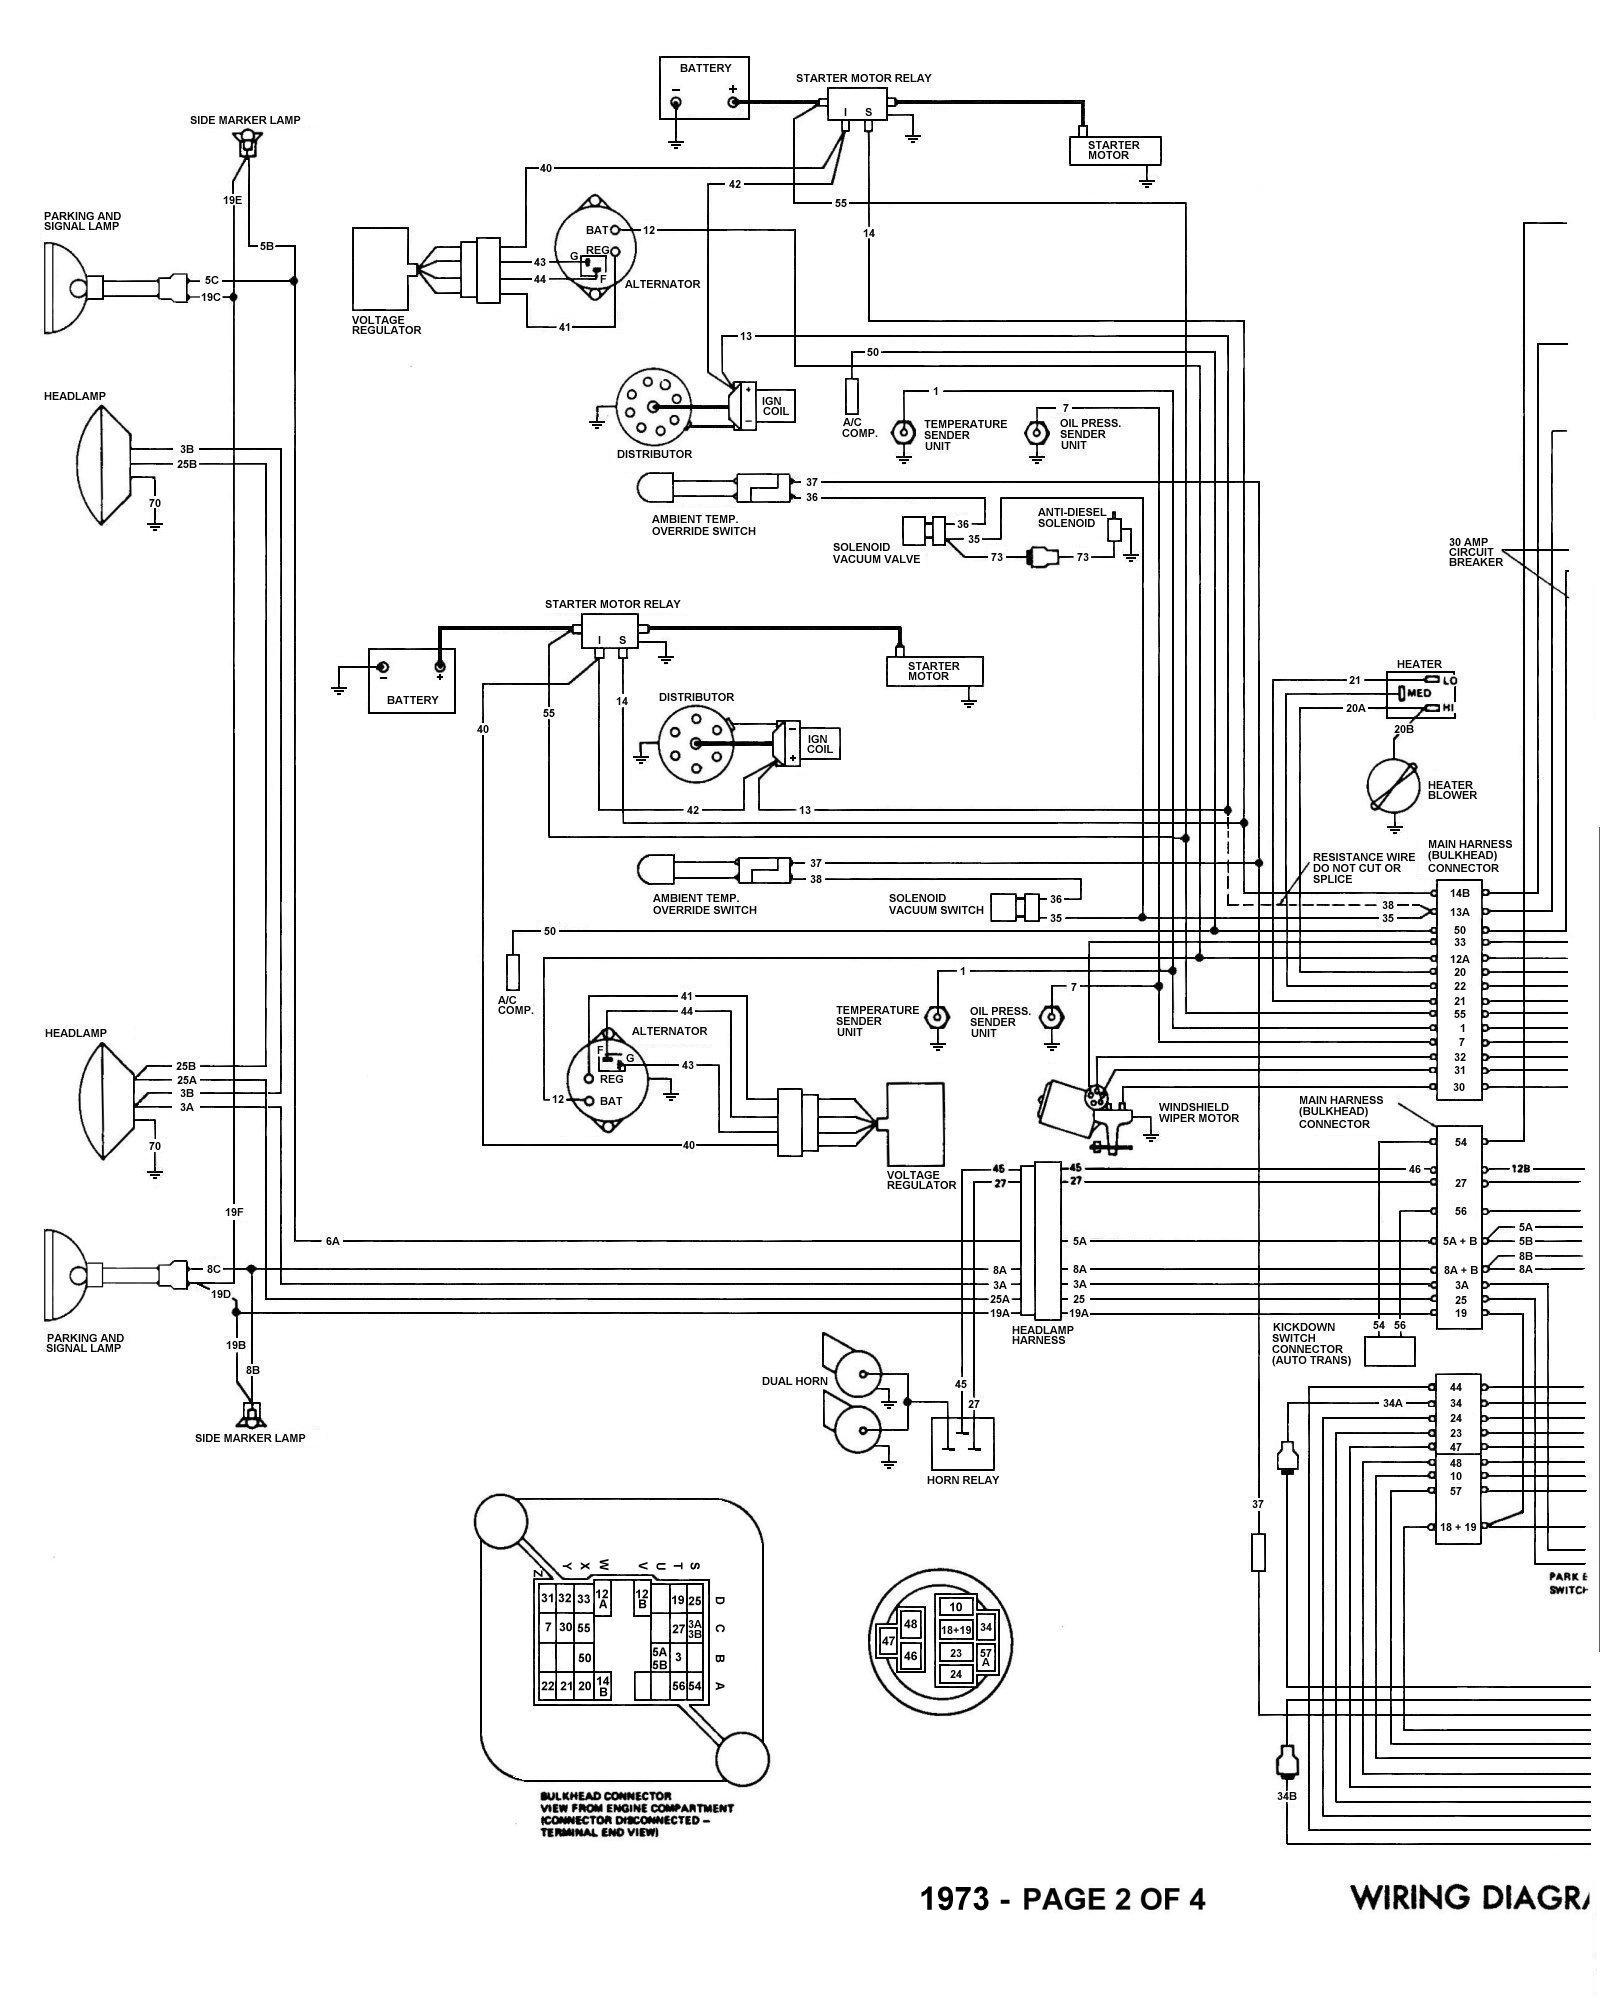 73 jeep wagoneer wiring diagram